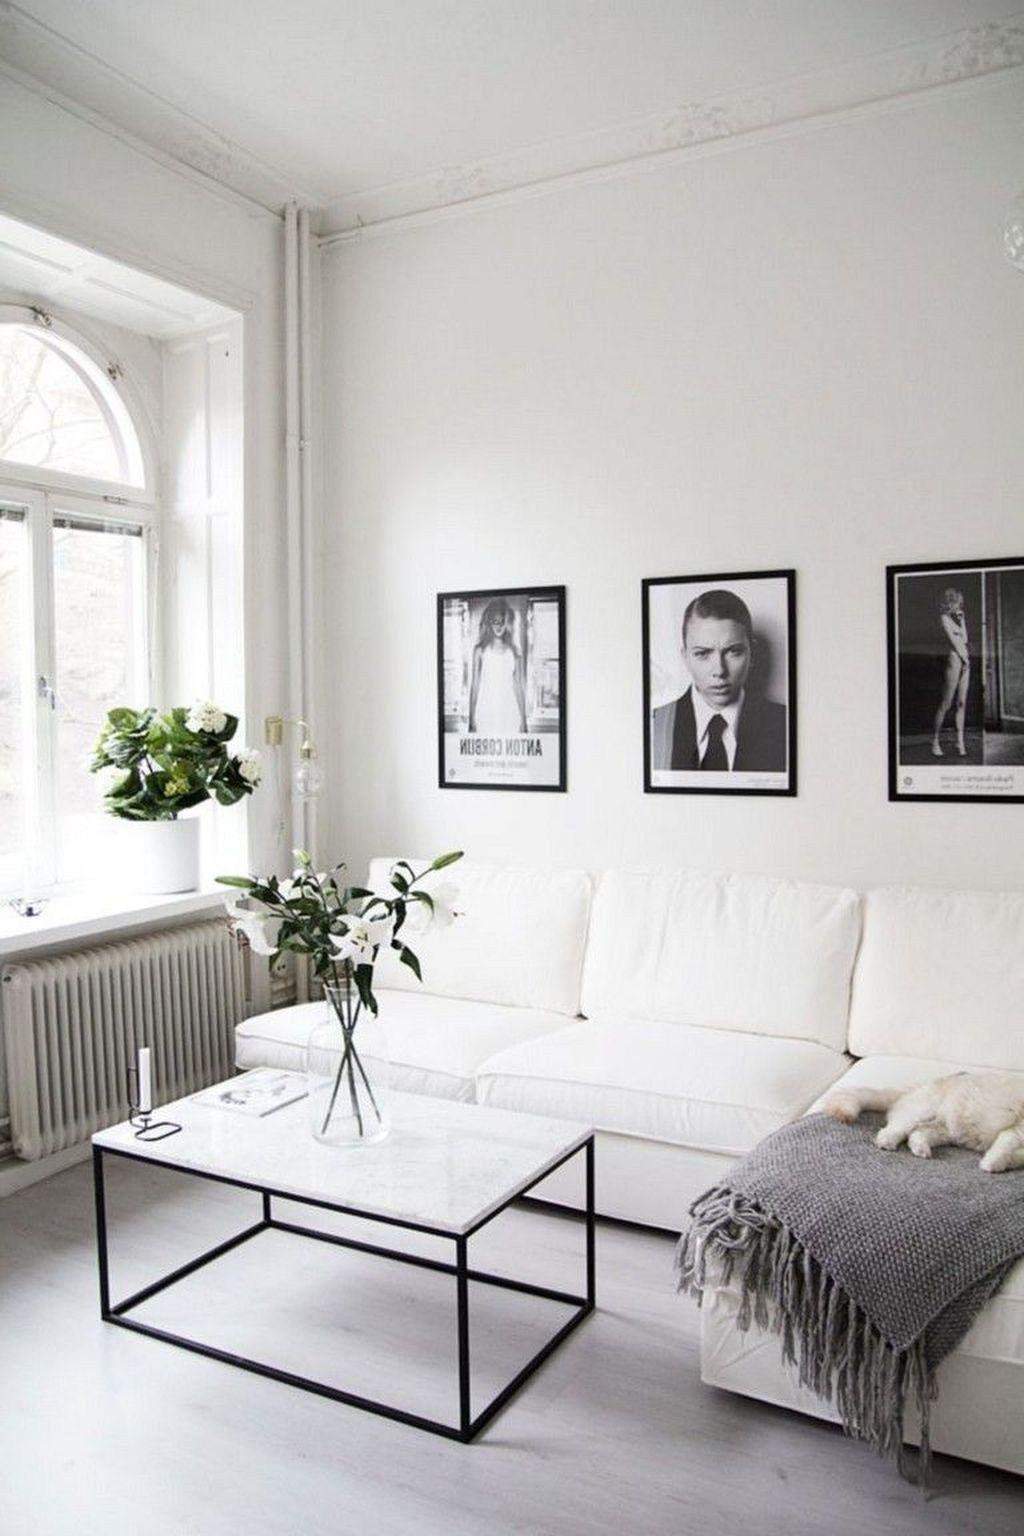 50 Modernen Minimalistischen Wohnzimmer Ideen 36 Du Wirst